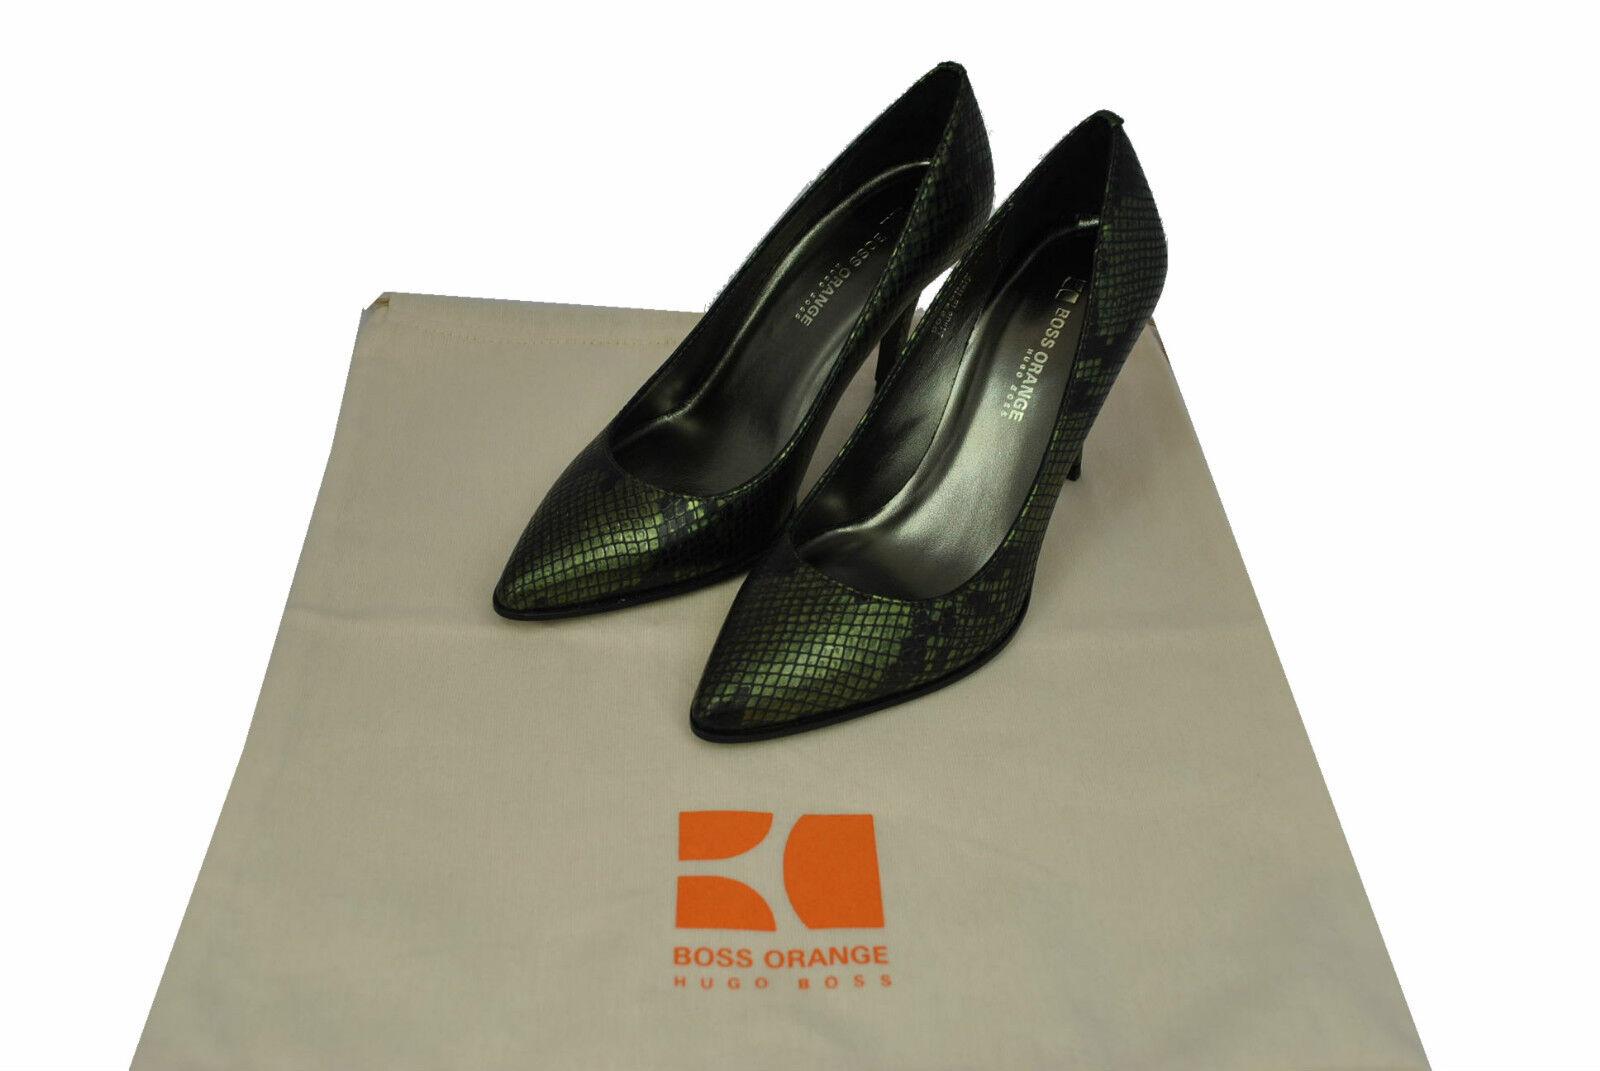 HUGO BOSS BOSS BOSS Mavril,Stöckel zapatos,Pumps,mujer,NEU,Elegant,Leder,Made in ,verde  caliente